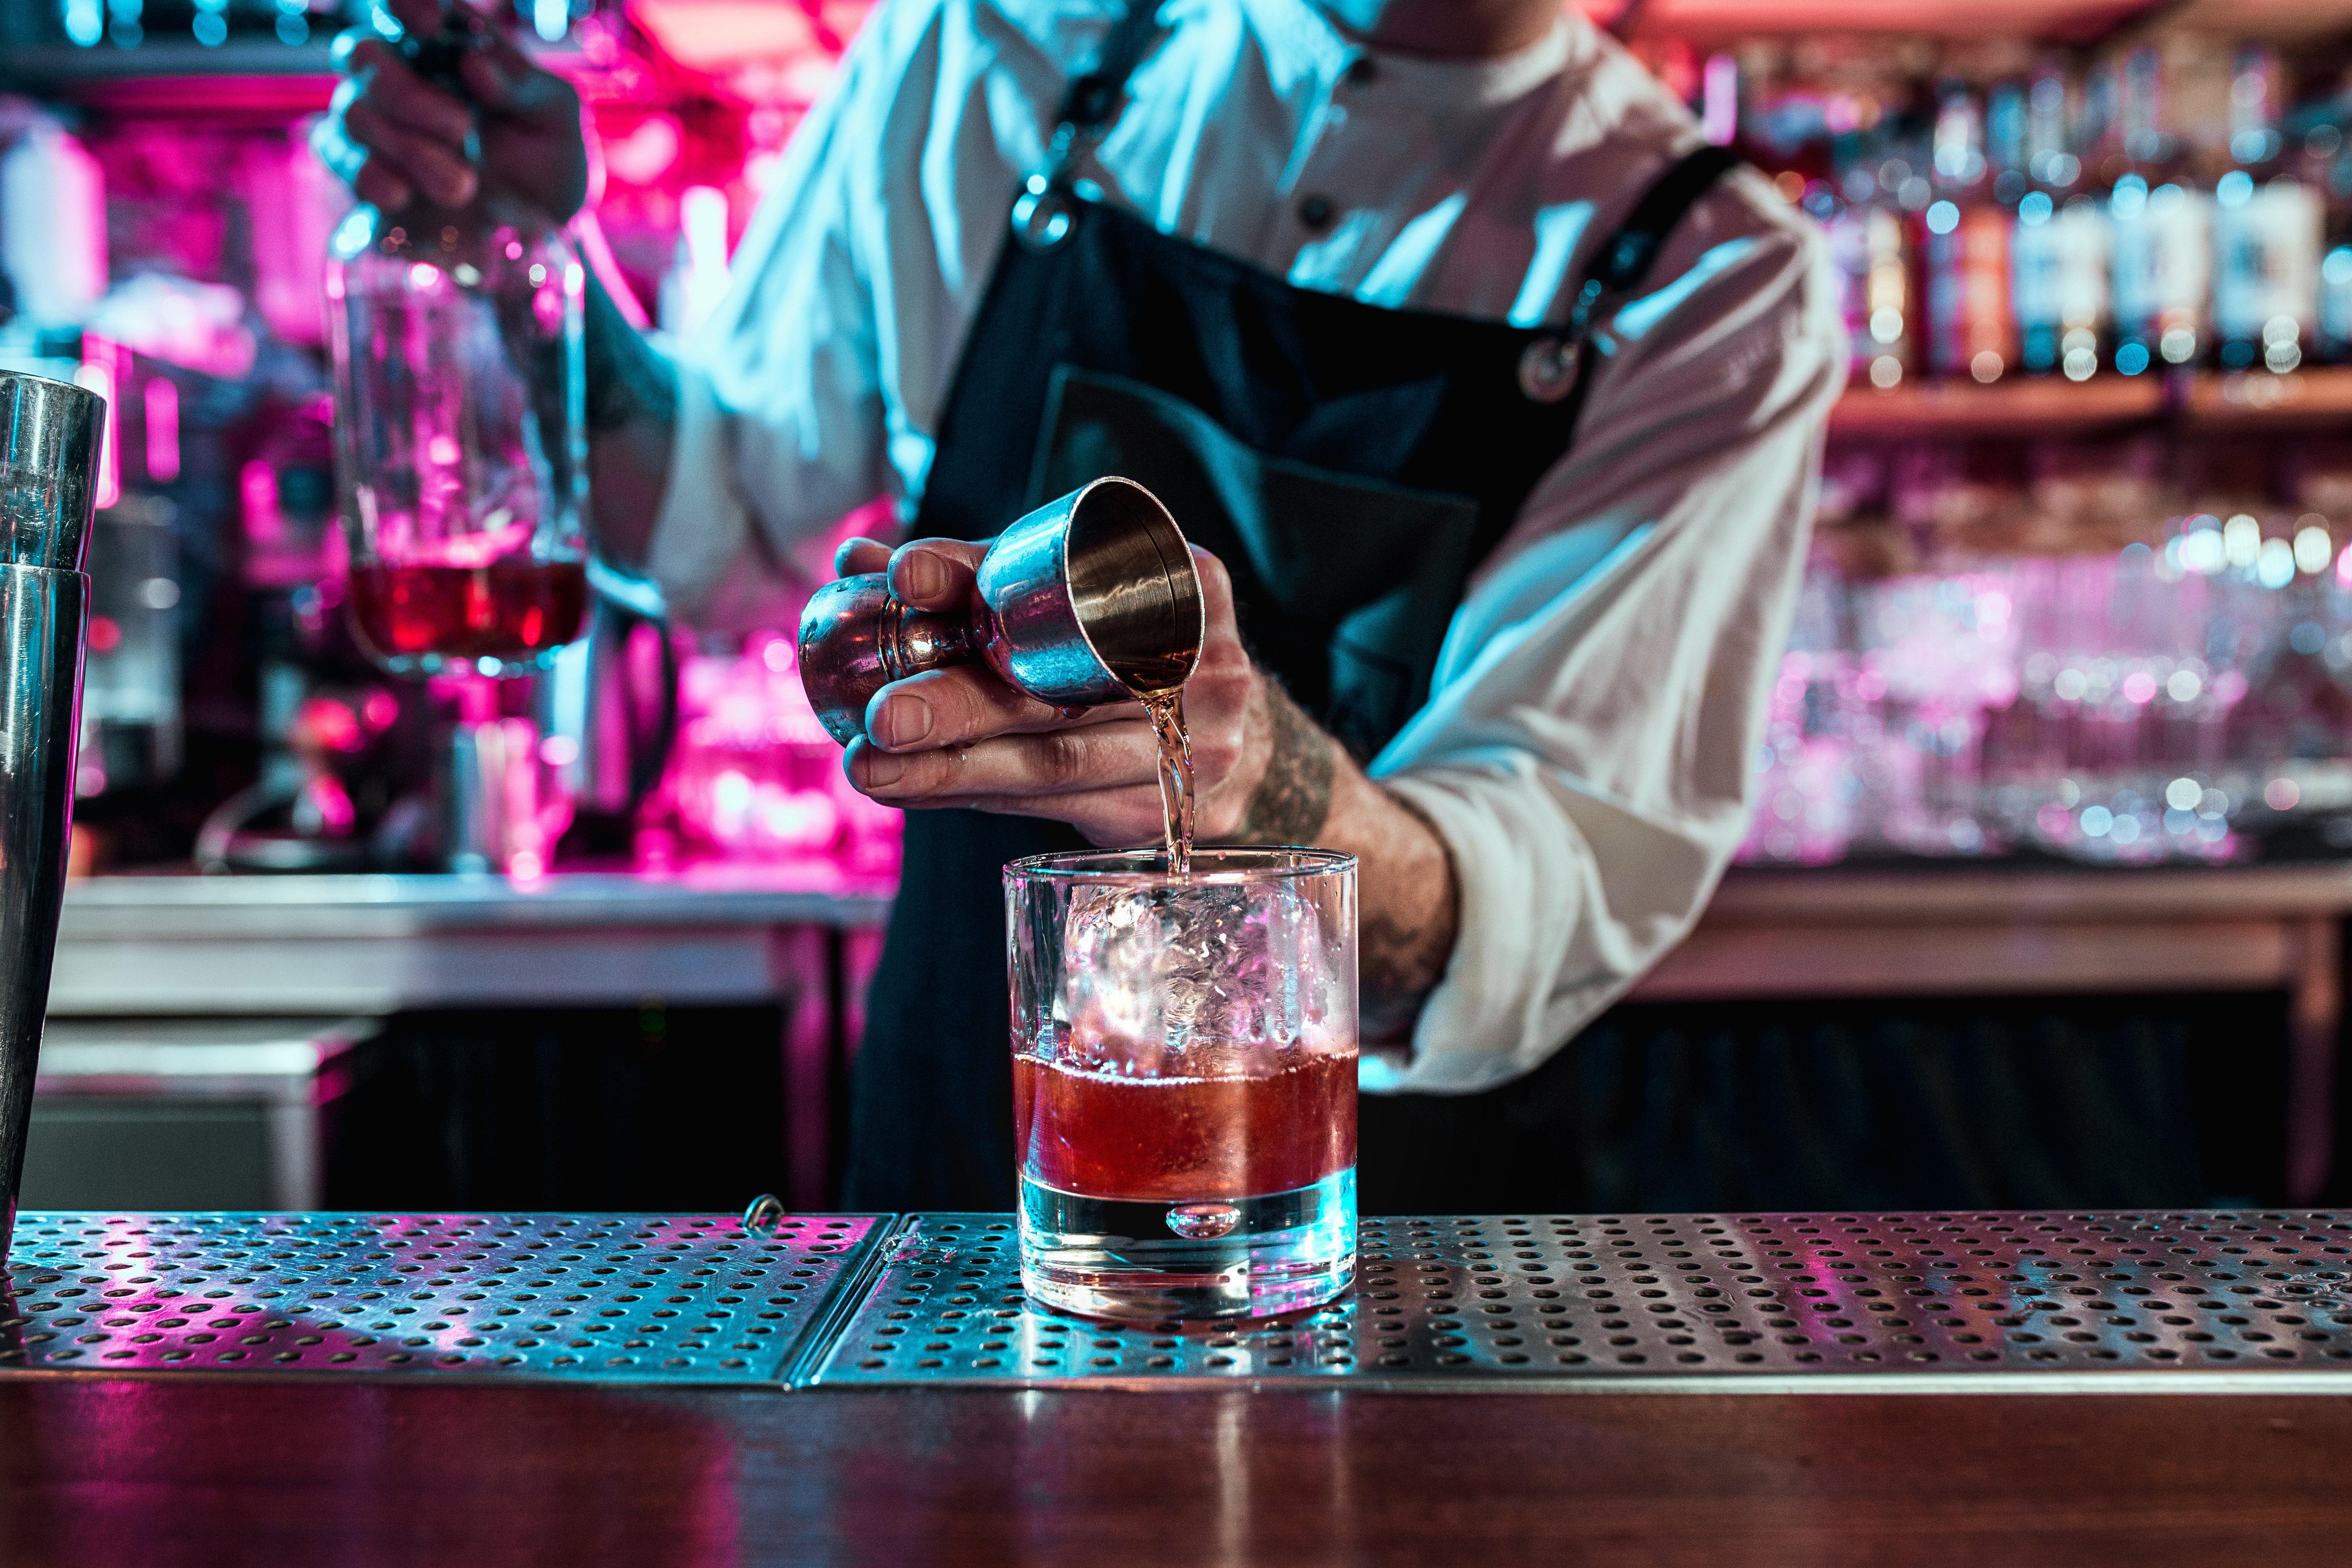 man mixing a cocktail at a bar